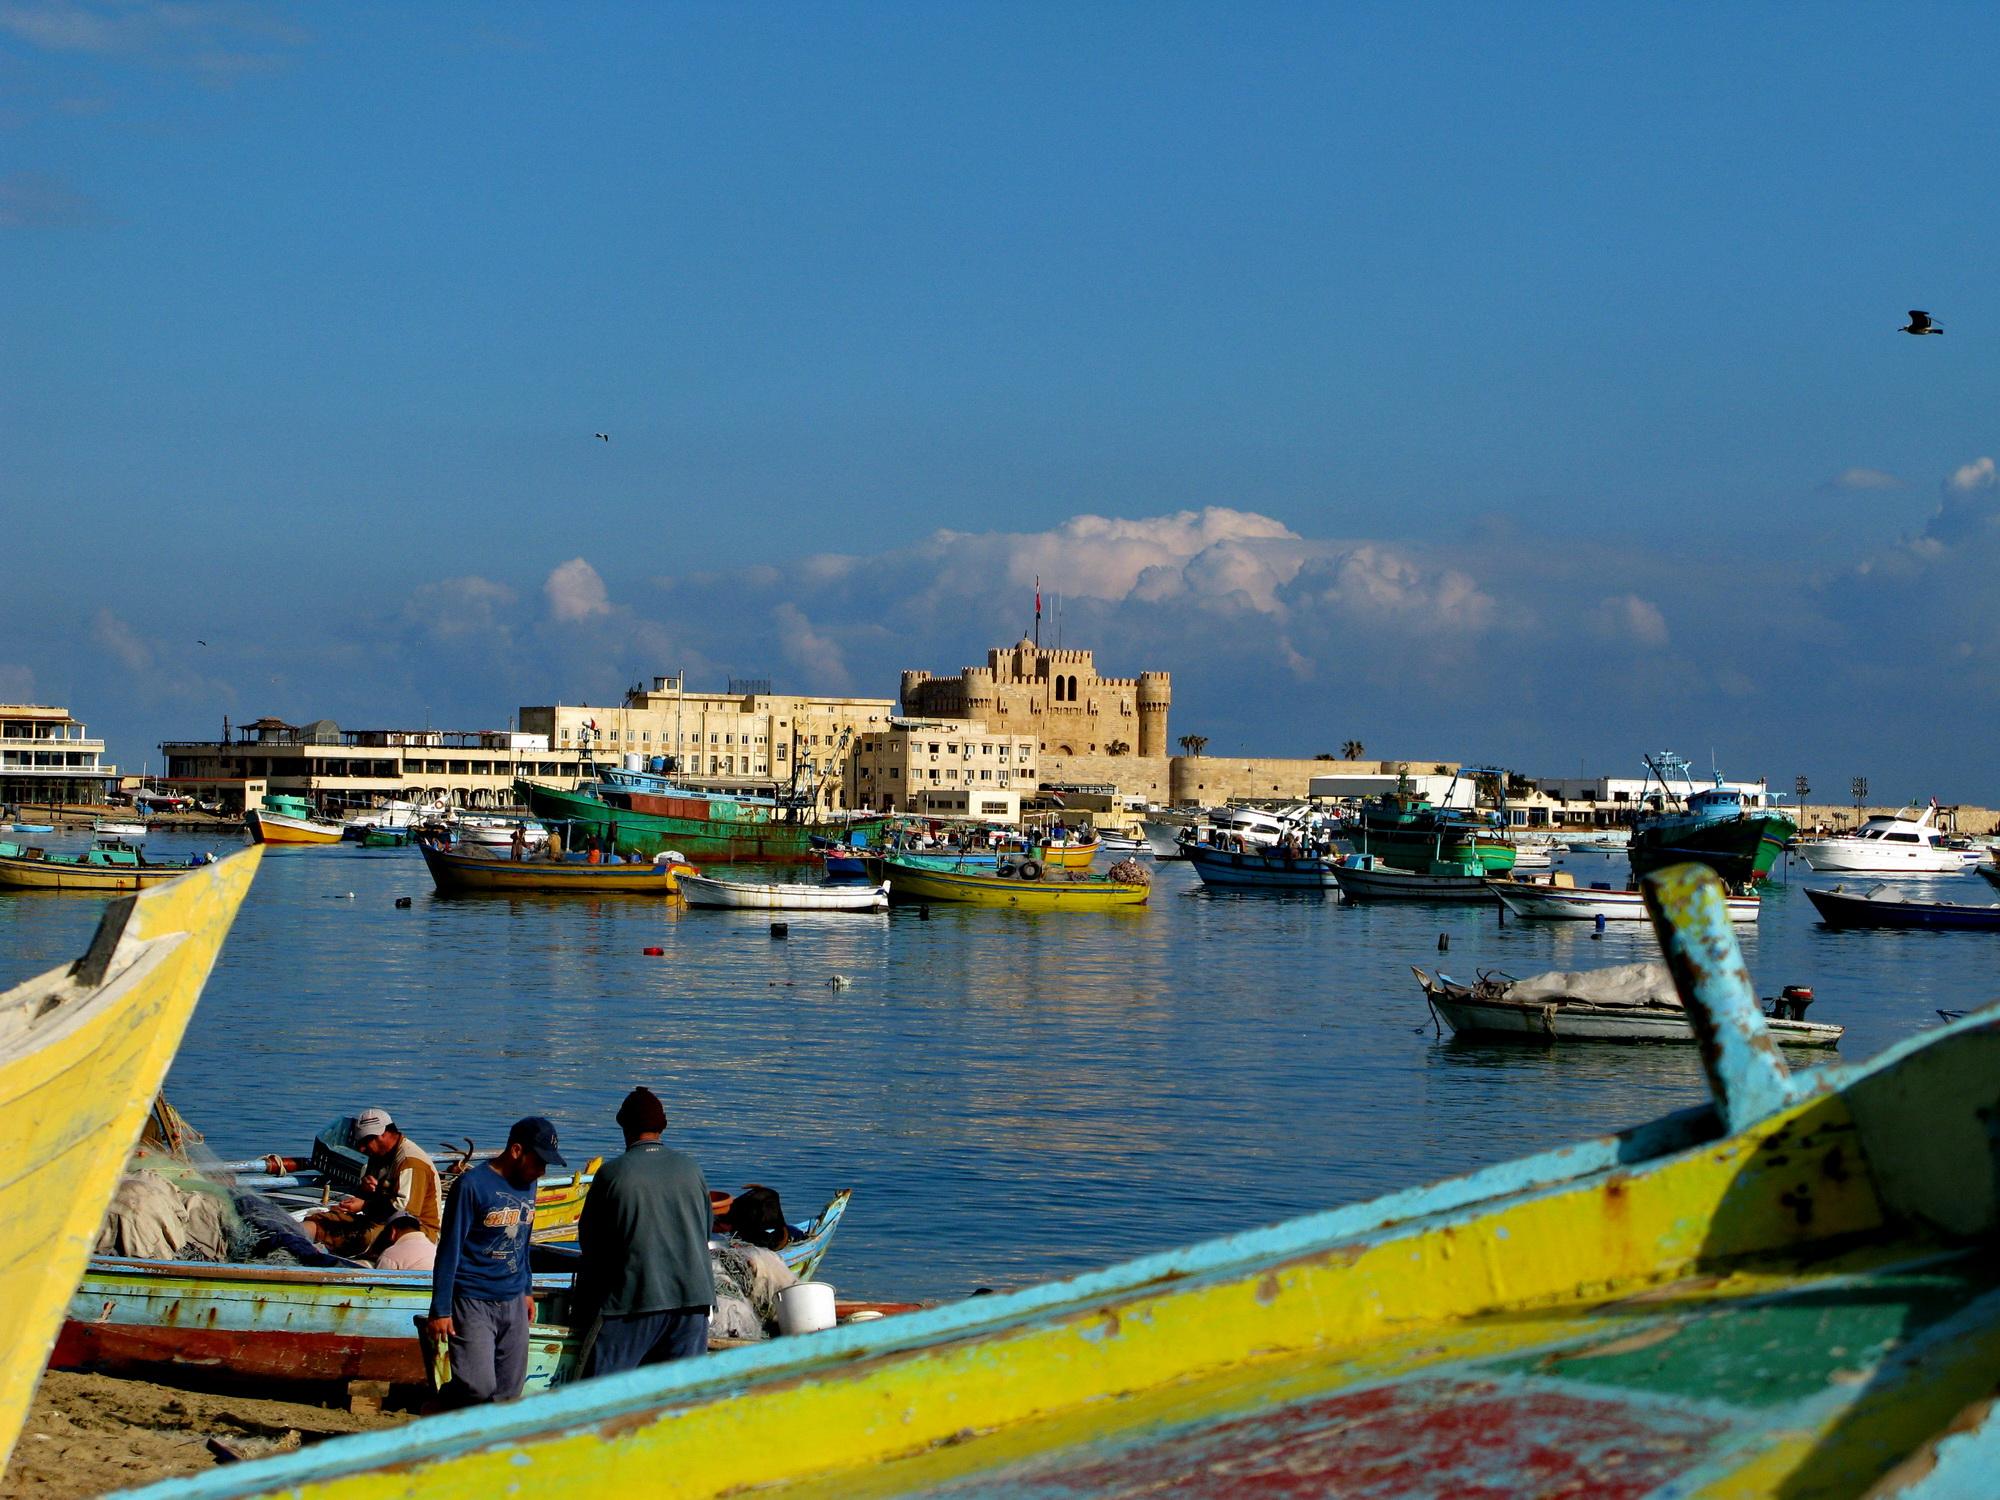 صور جميلة لمدينة الاسكندرية